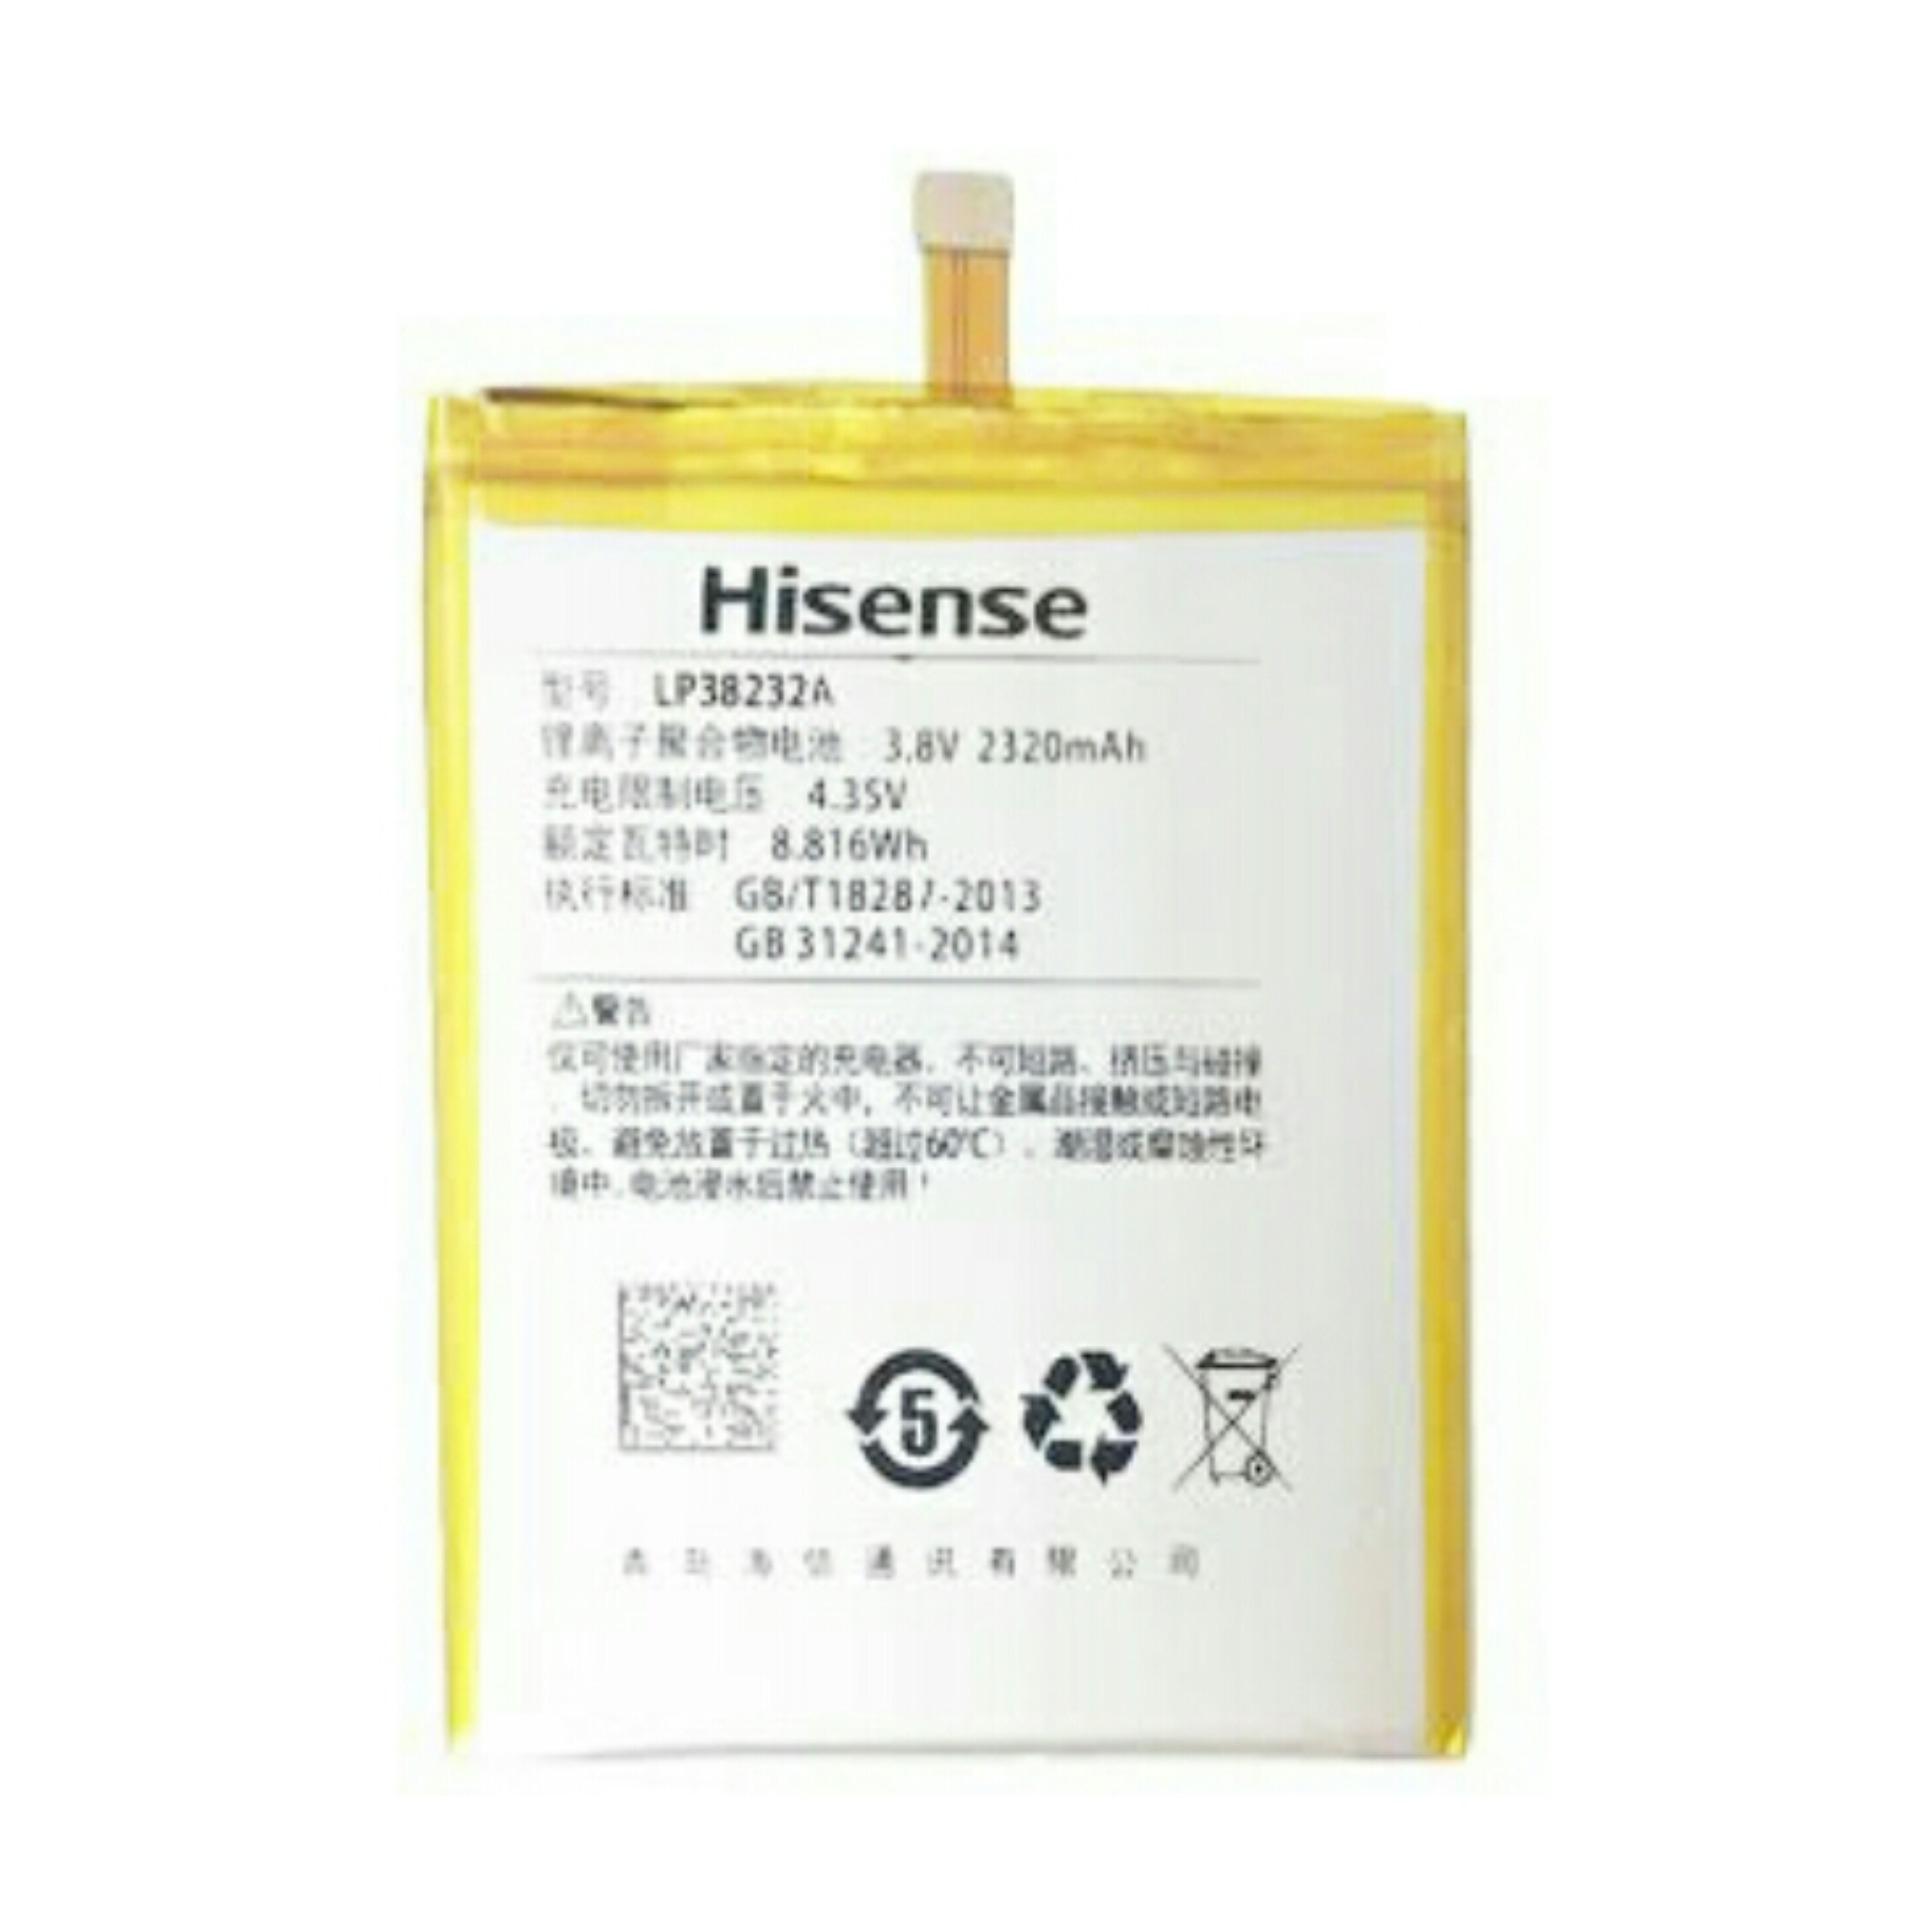 Baterai Handphone Smartfren Andromax R2 LP38232A 4G LTE OEM 100% Double Power Batrai Batre Battery